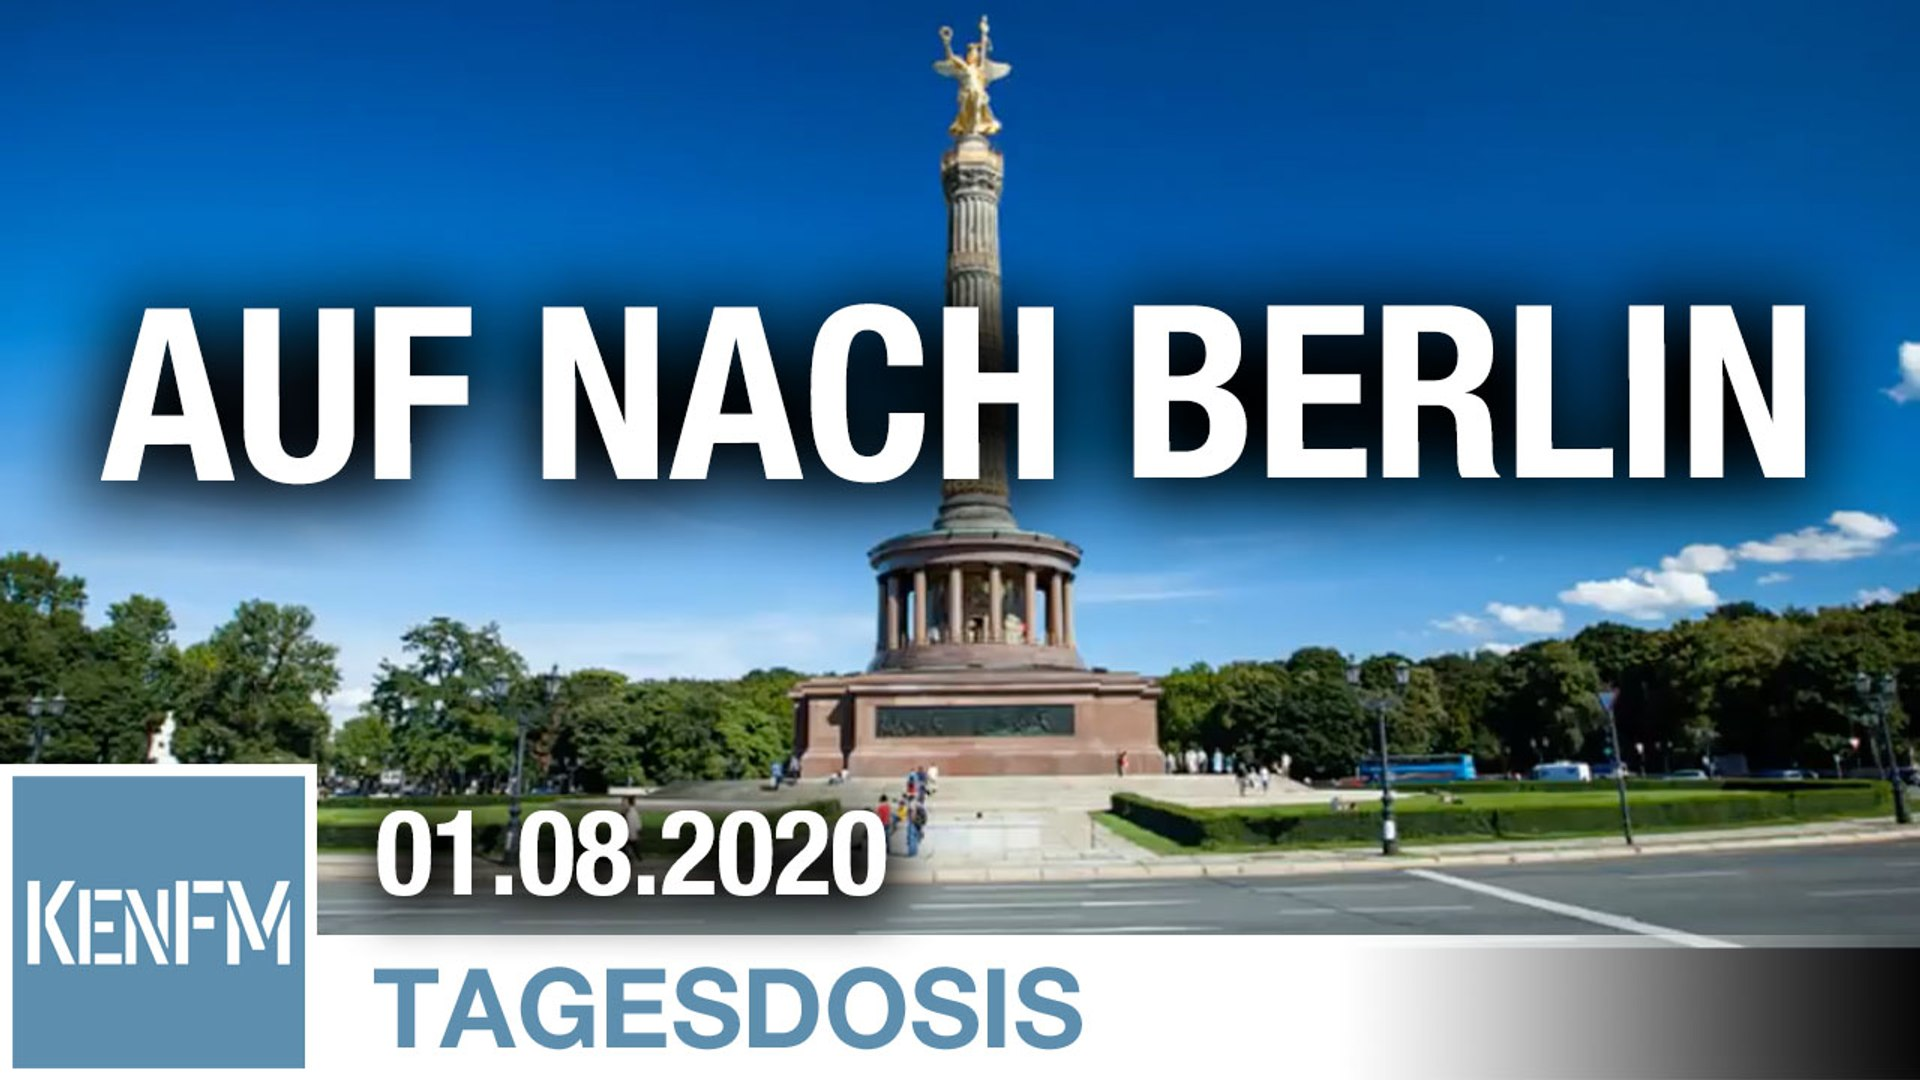 Auf nach Berlin – Wir bleiben Menschen und lassen uns nicht zu Biorobotern umprogrammieren!